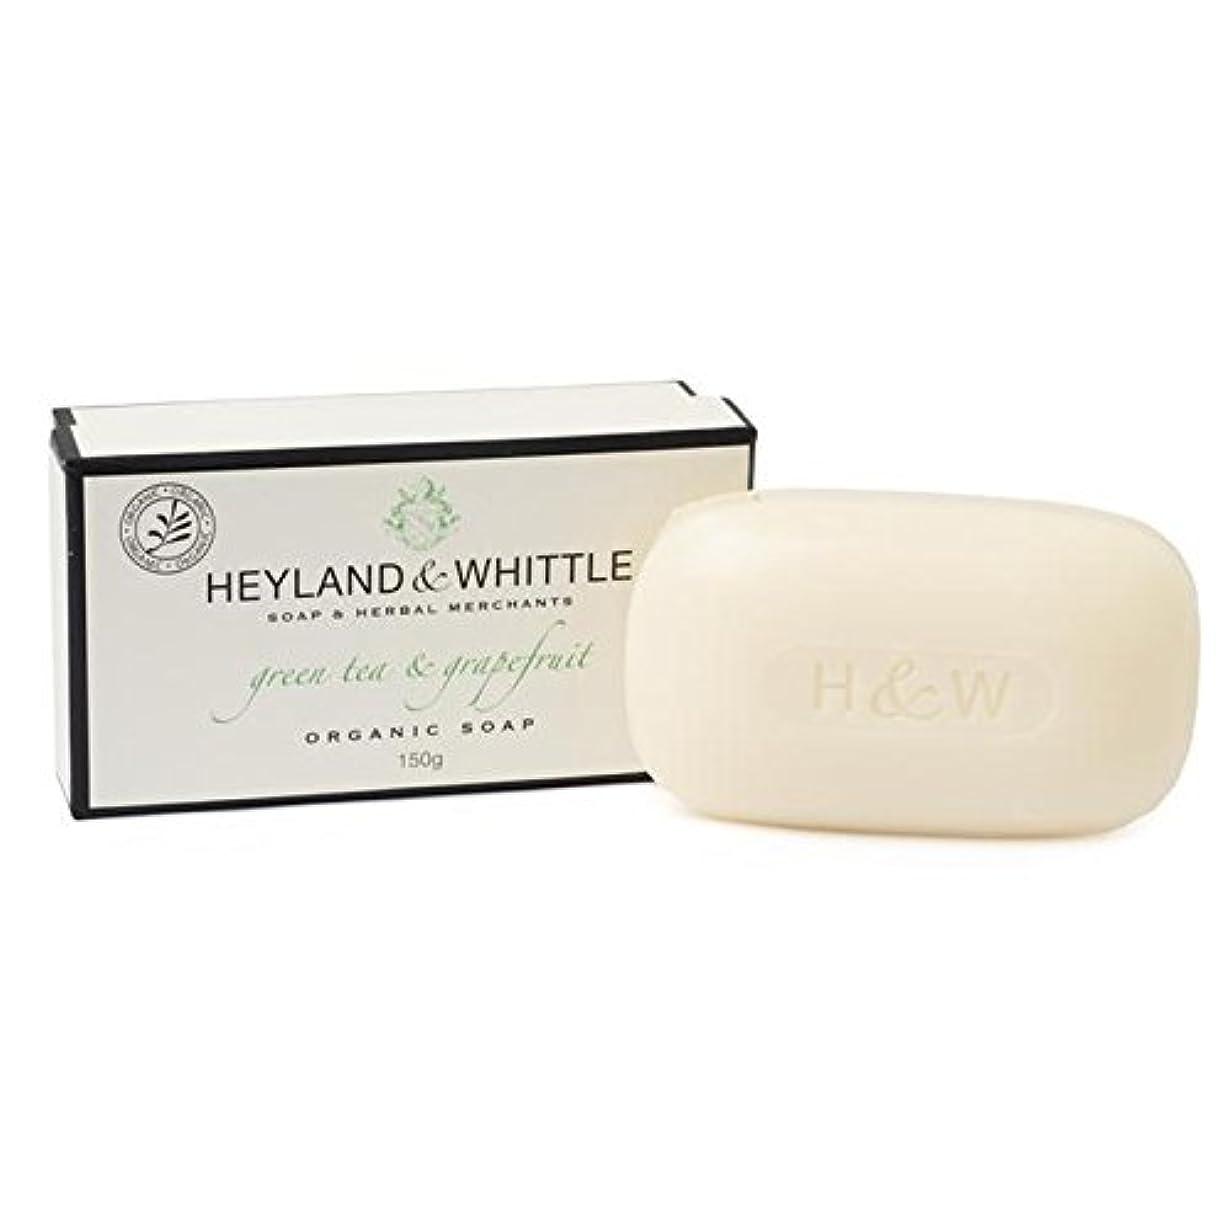 小人お金ゴム&削る緑茶&グレープフルーツはオーガニックソープ150グラム箱入り x4 - Heyland & Whittle Green Tea & Grapefruit Boxed Organic Soap 150g (Pack...